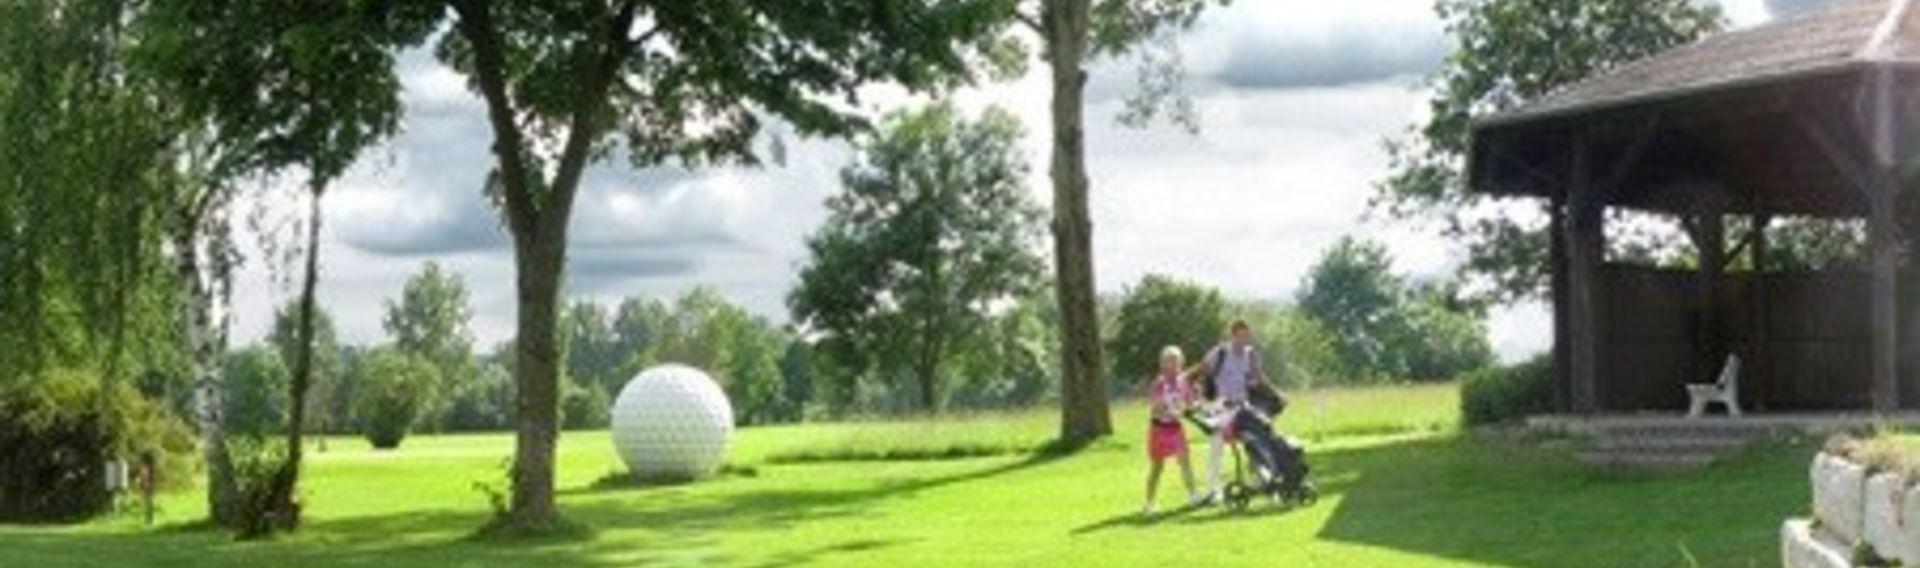 Golfspielen mit Hund im Rottaler Golfclub